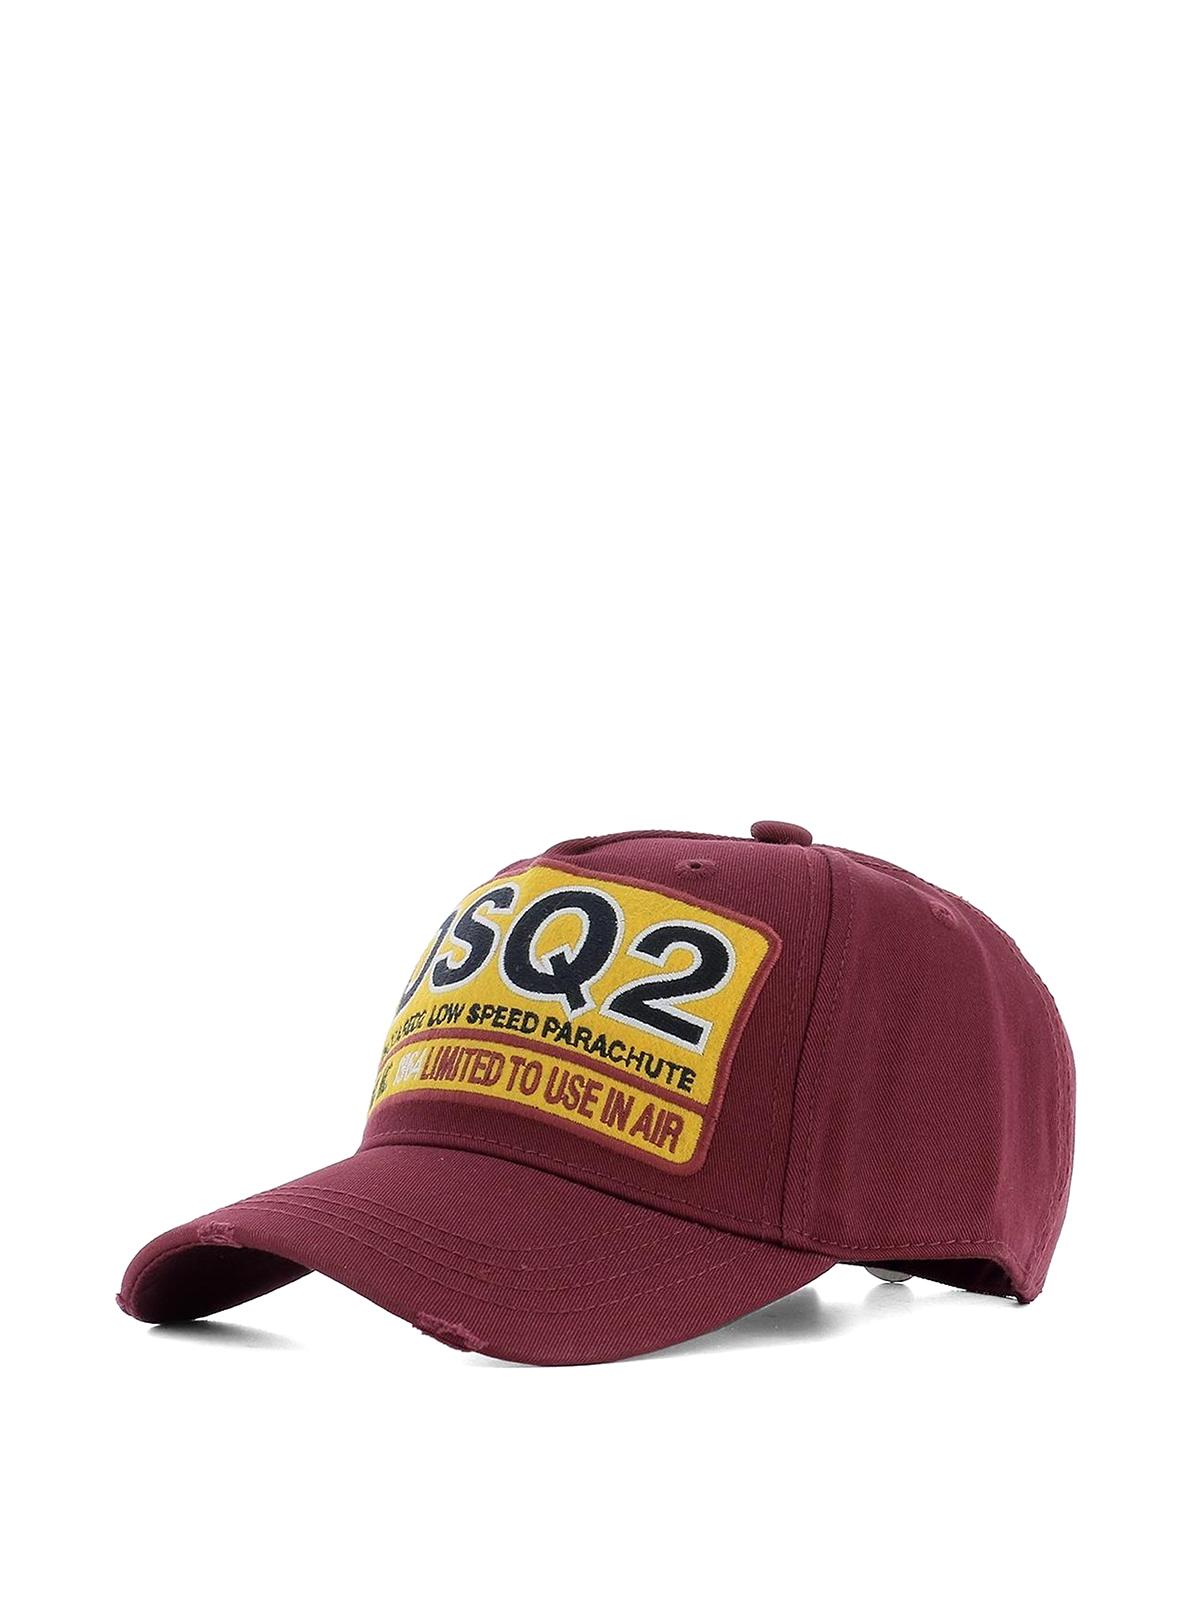 429e9b810da Dsquared2 - DSQ2 burgundy baseball cap - hats   caps ...